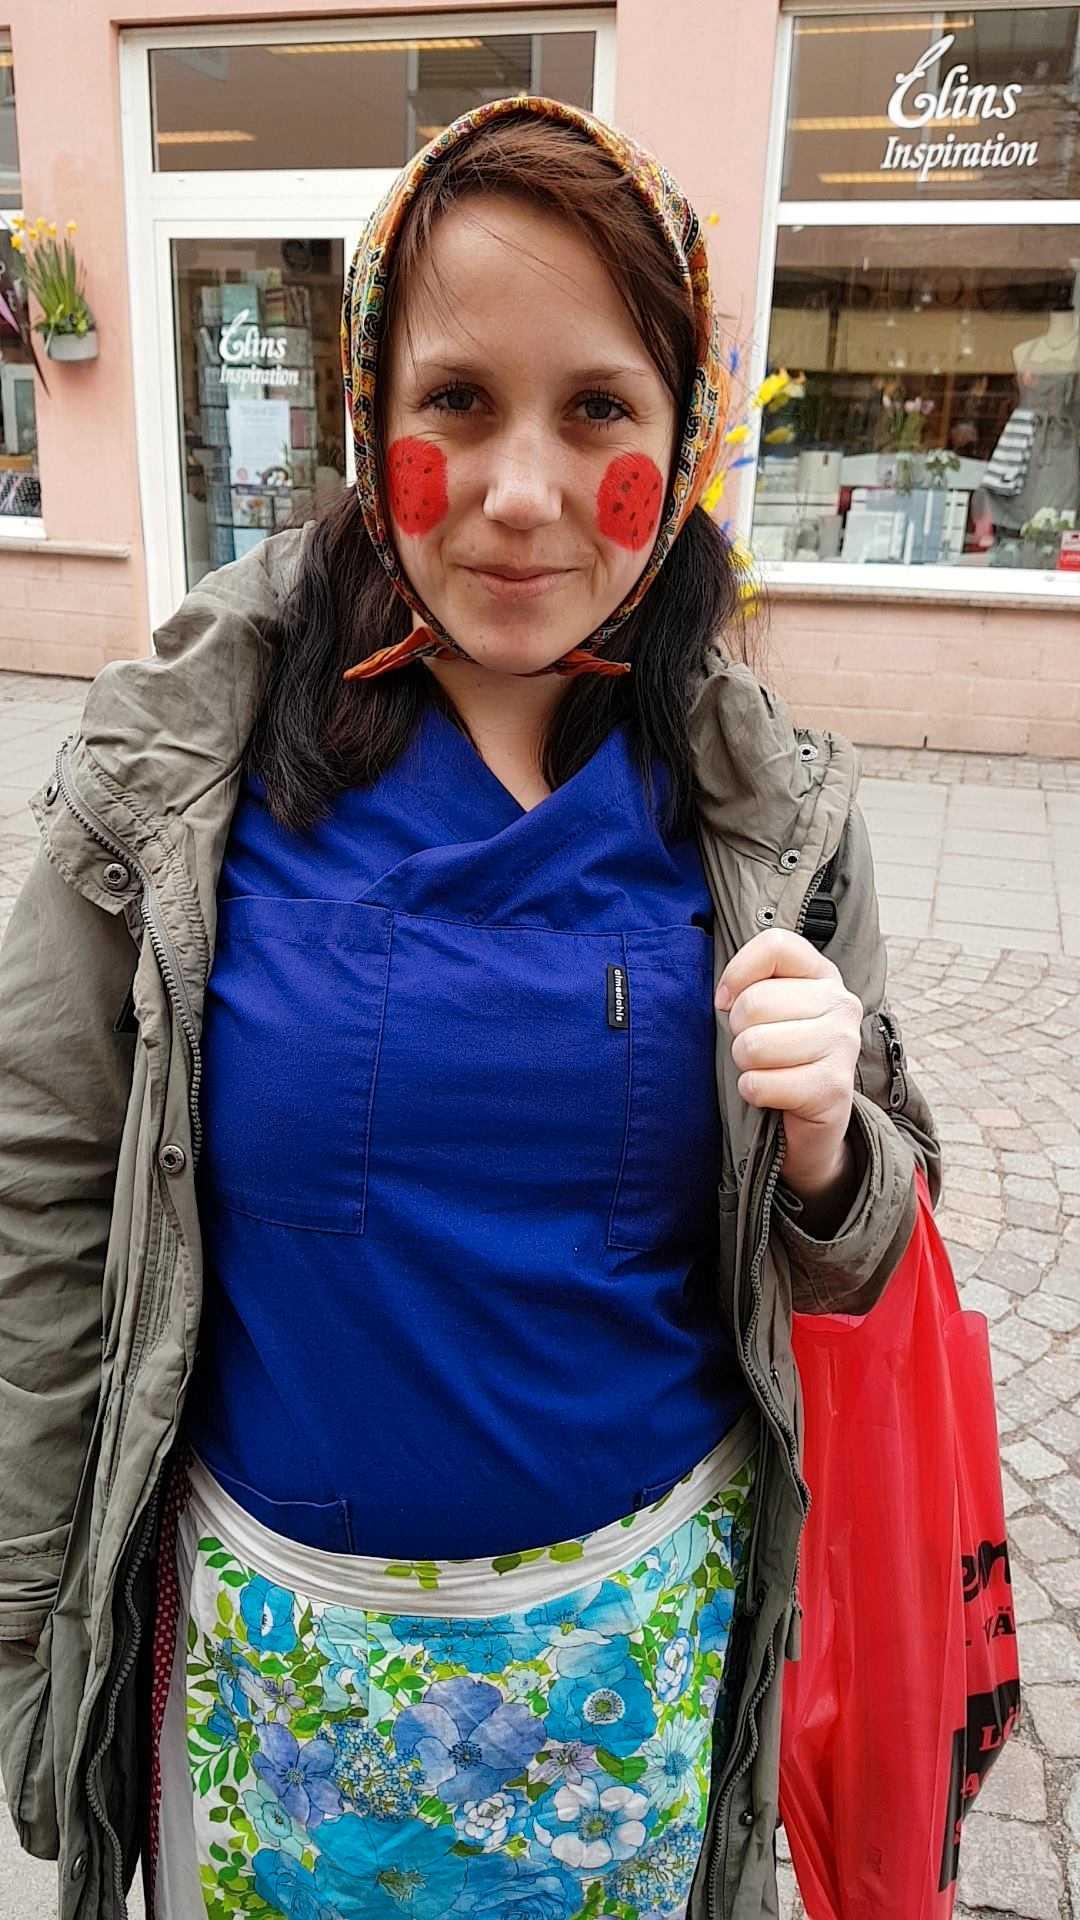 Linda klädde ut sig till påskkärring –till de äldre i Vänersborgs förtjusning.